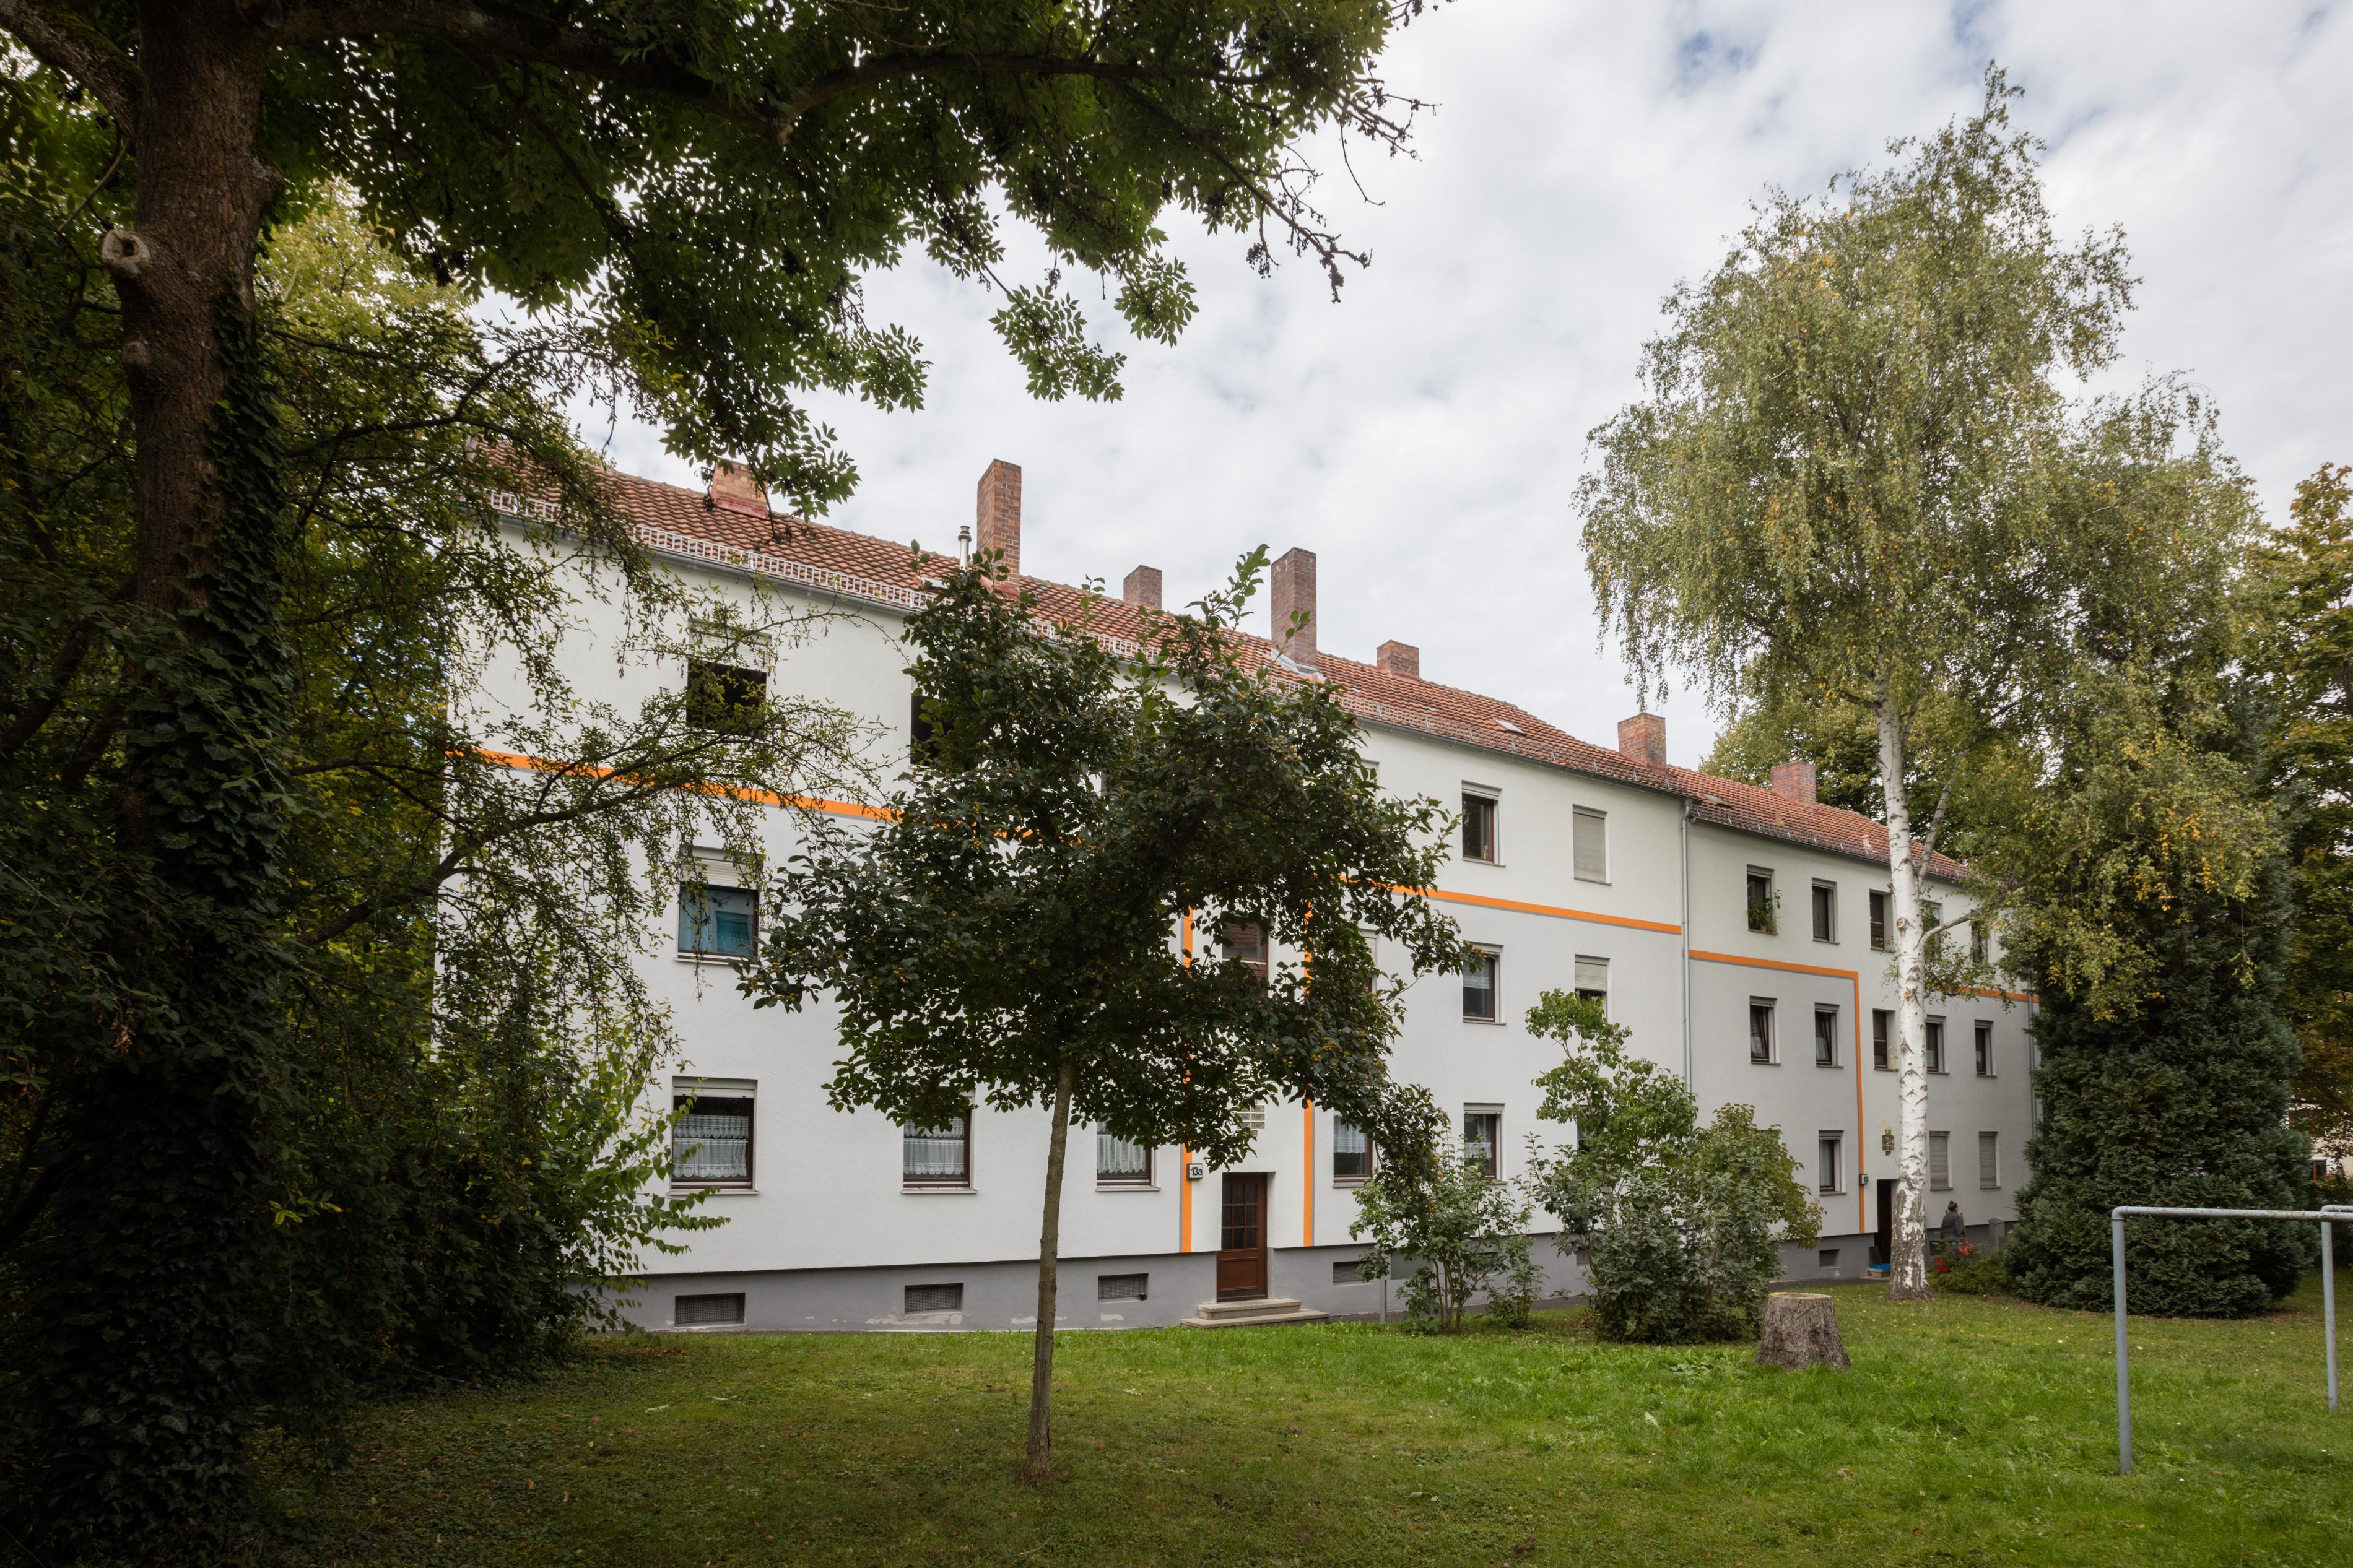 bew_würzburg-11